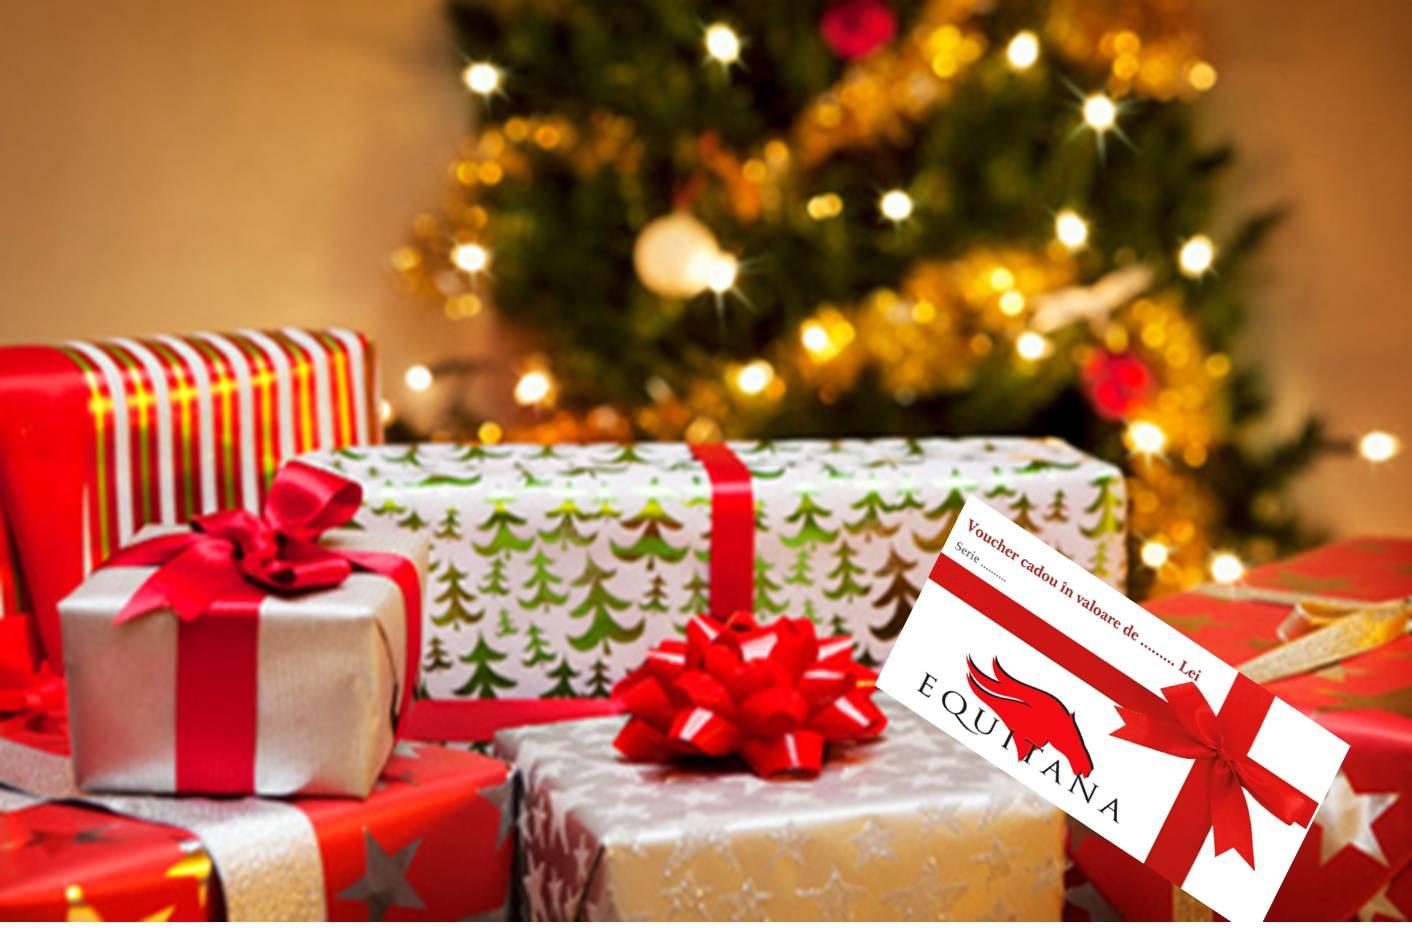 Cea mai bună idee pentru cadoul de Crăciun